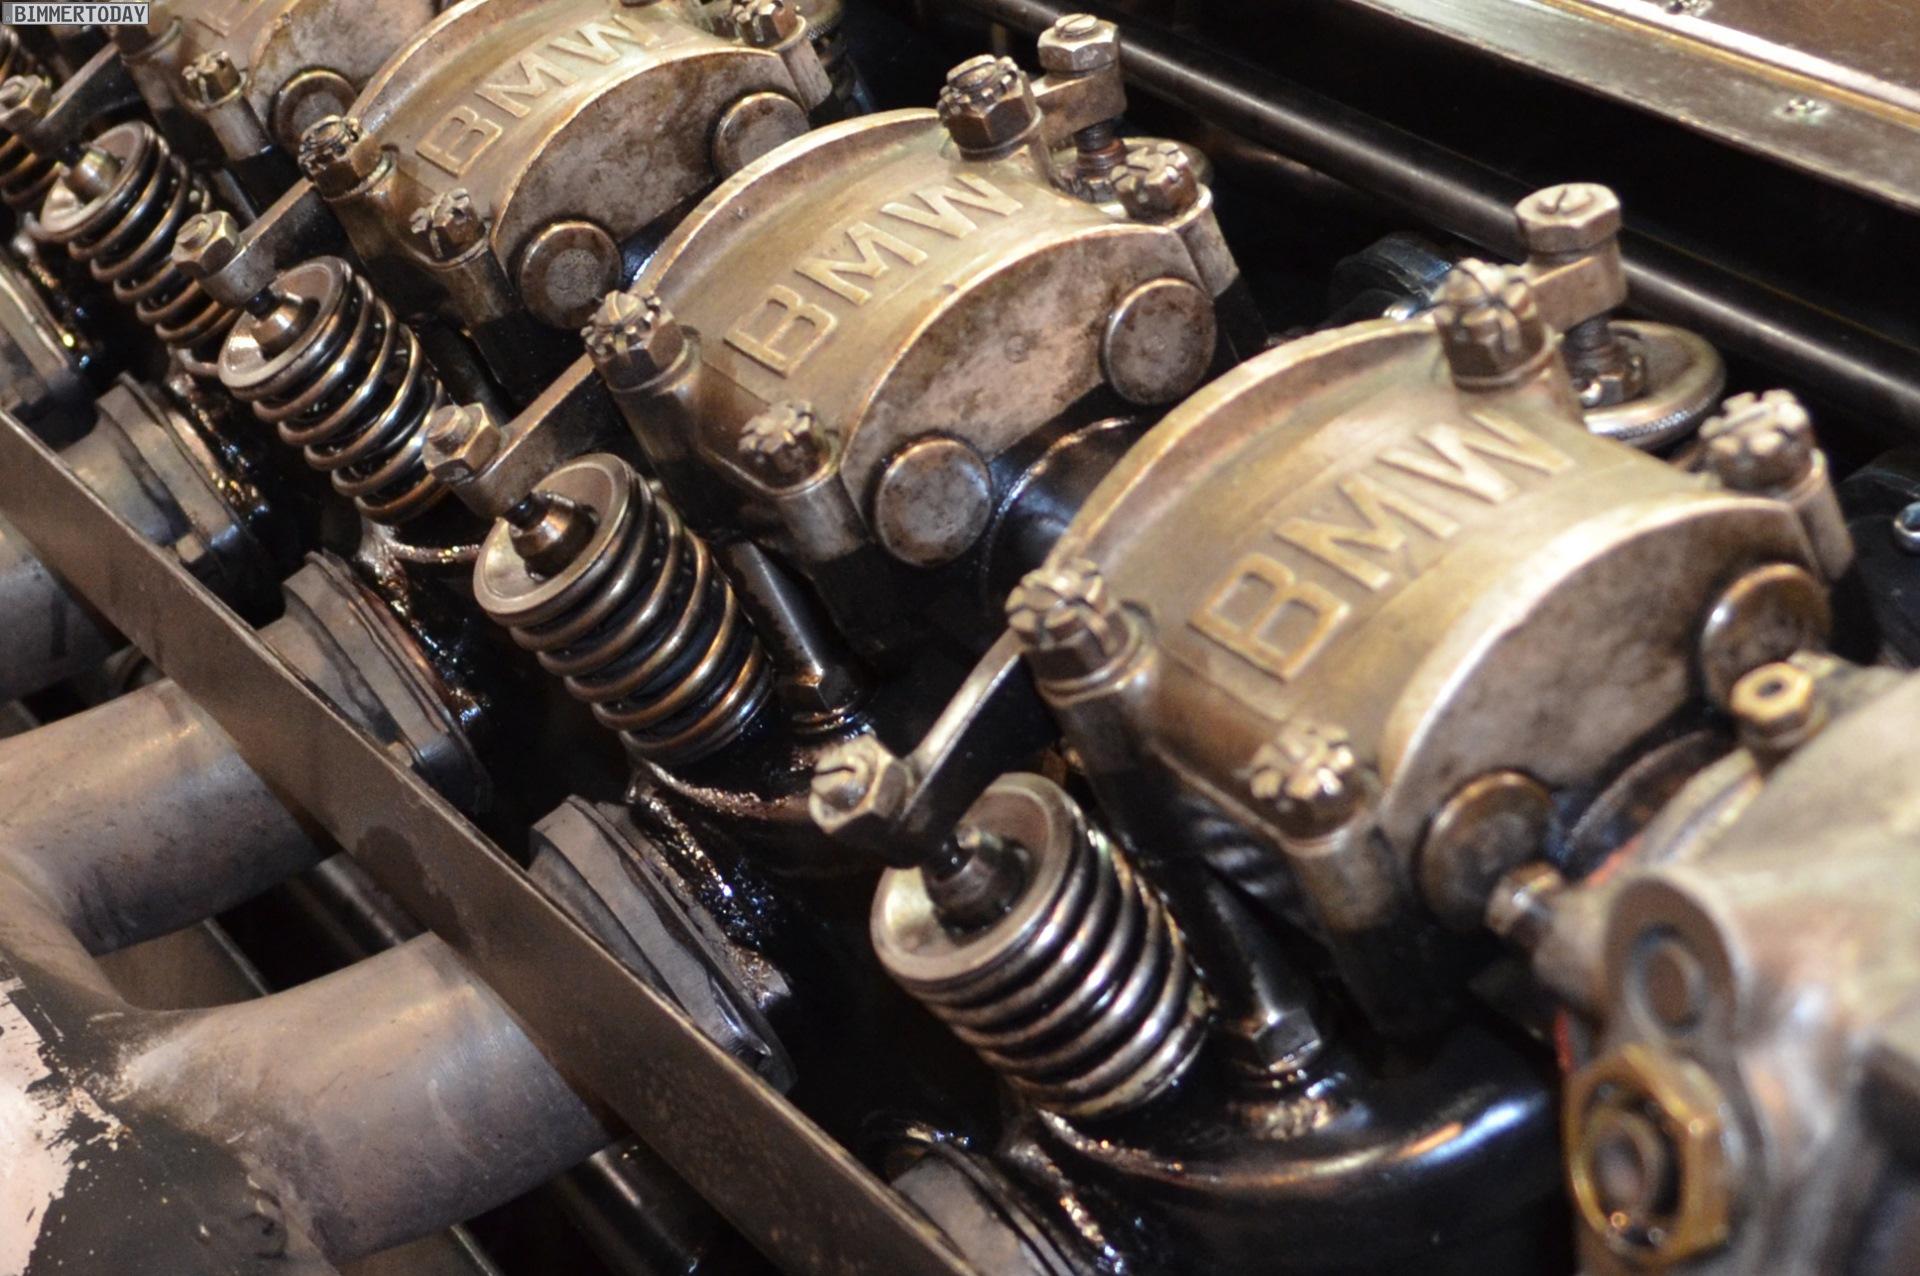 Ems 2013 Brutus 252 Berragt Die Tuning Welt Mit 47 Liter Bmw V12